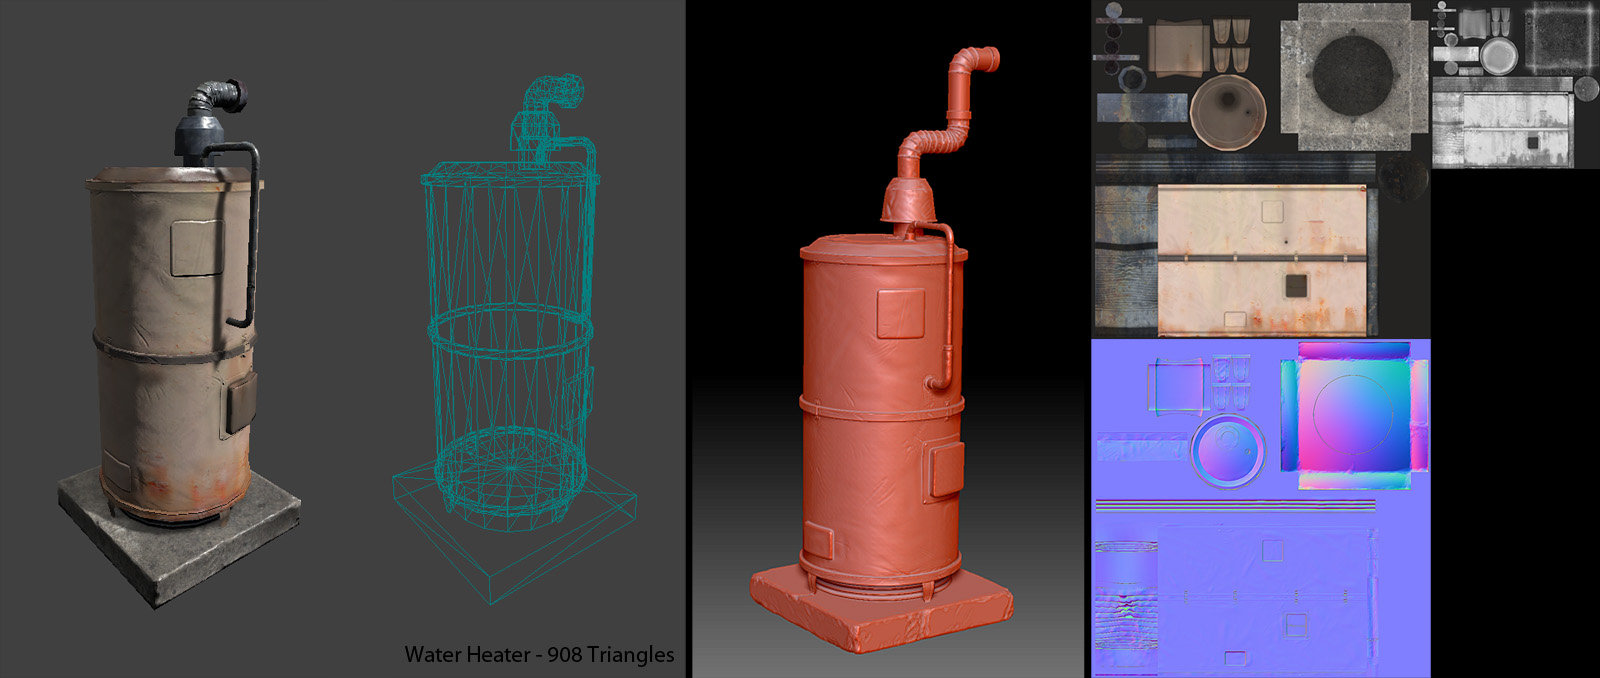 Jeff severson water heater